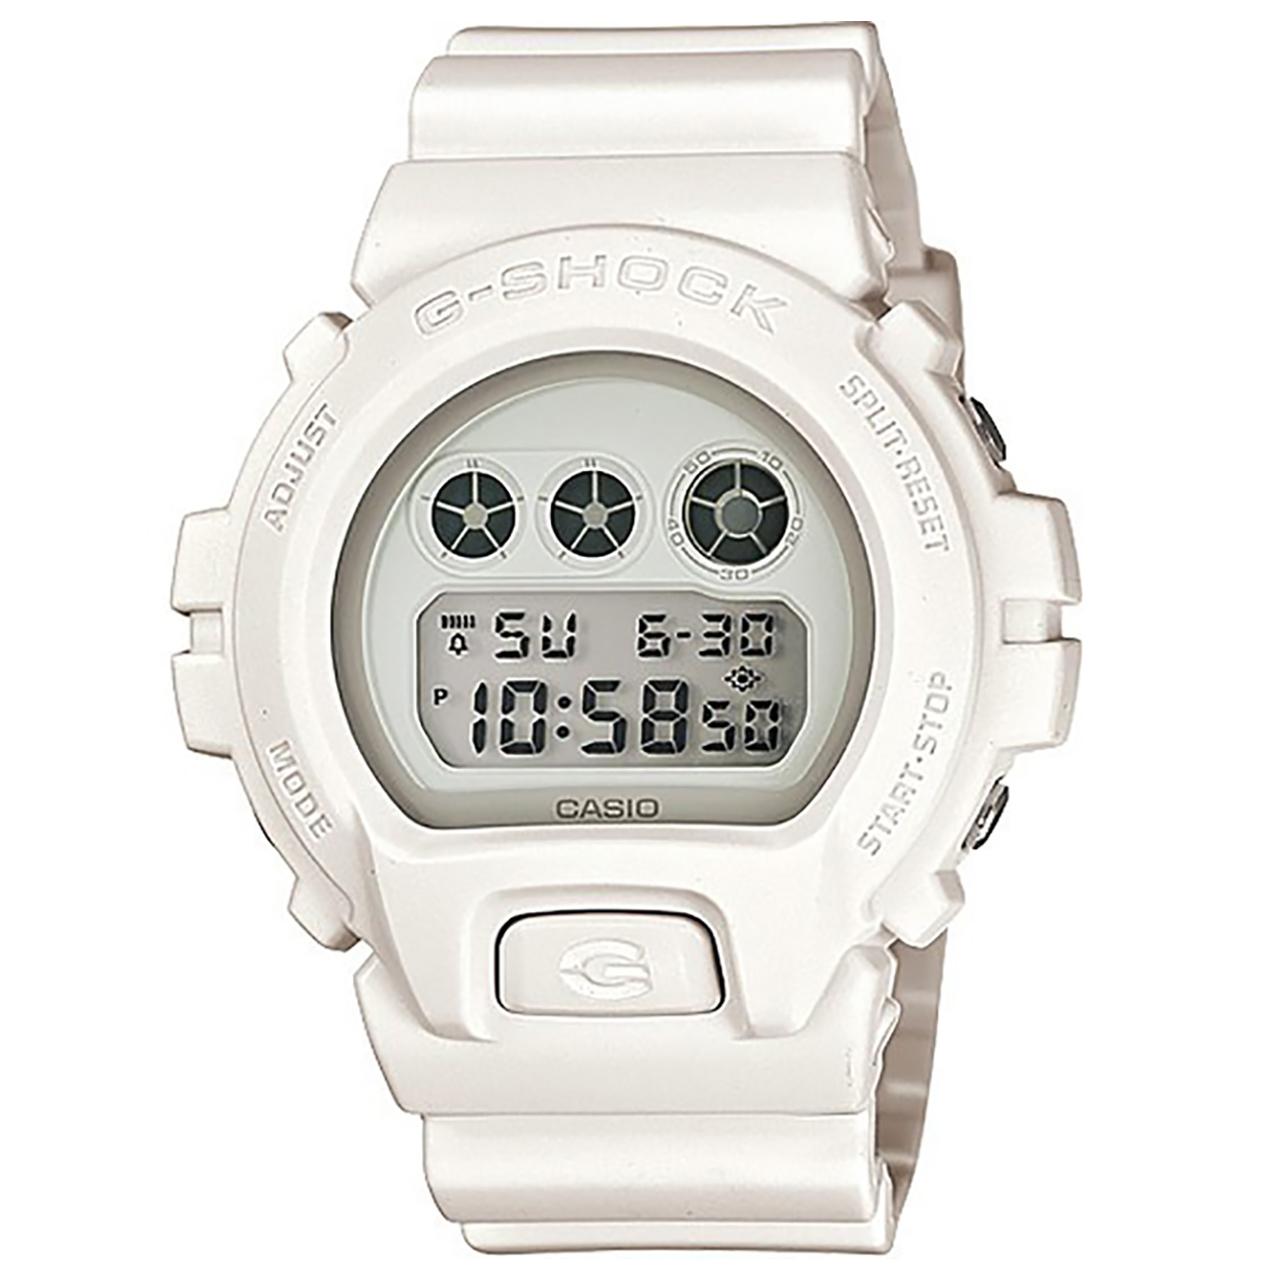 ساعت مچی دیجیتالی کاسیو جی شاک مدل dw-6900ww-7dr